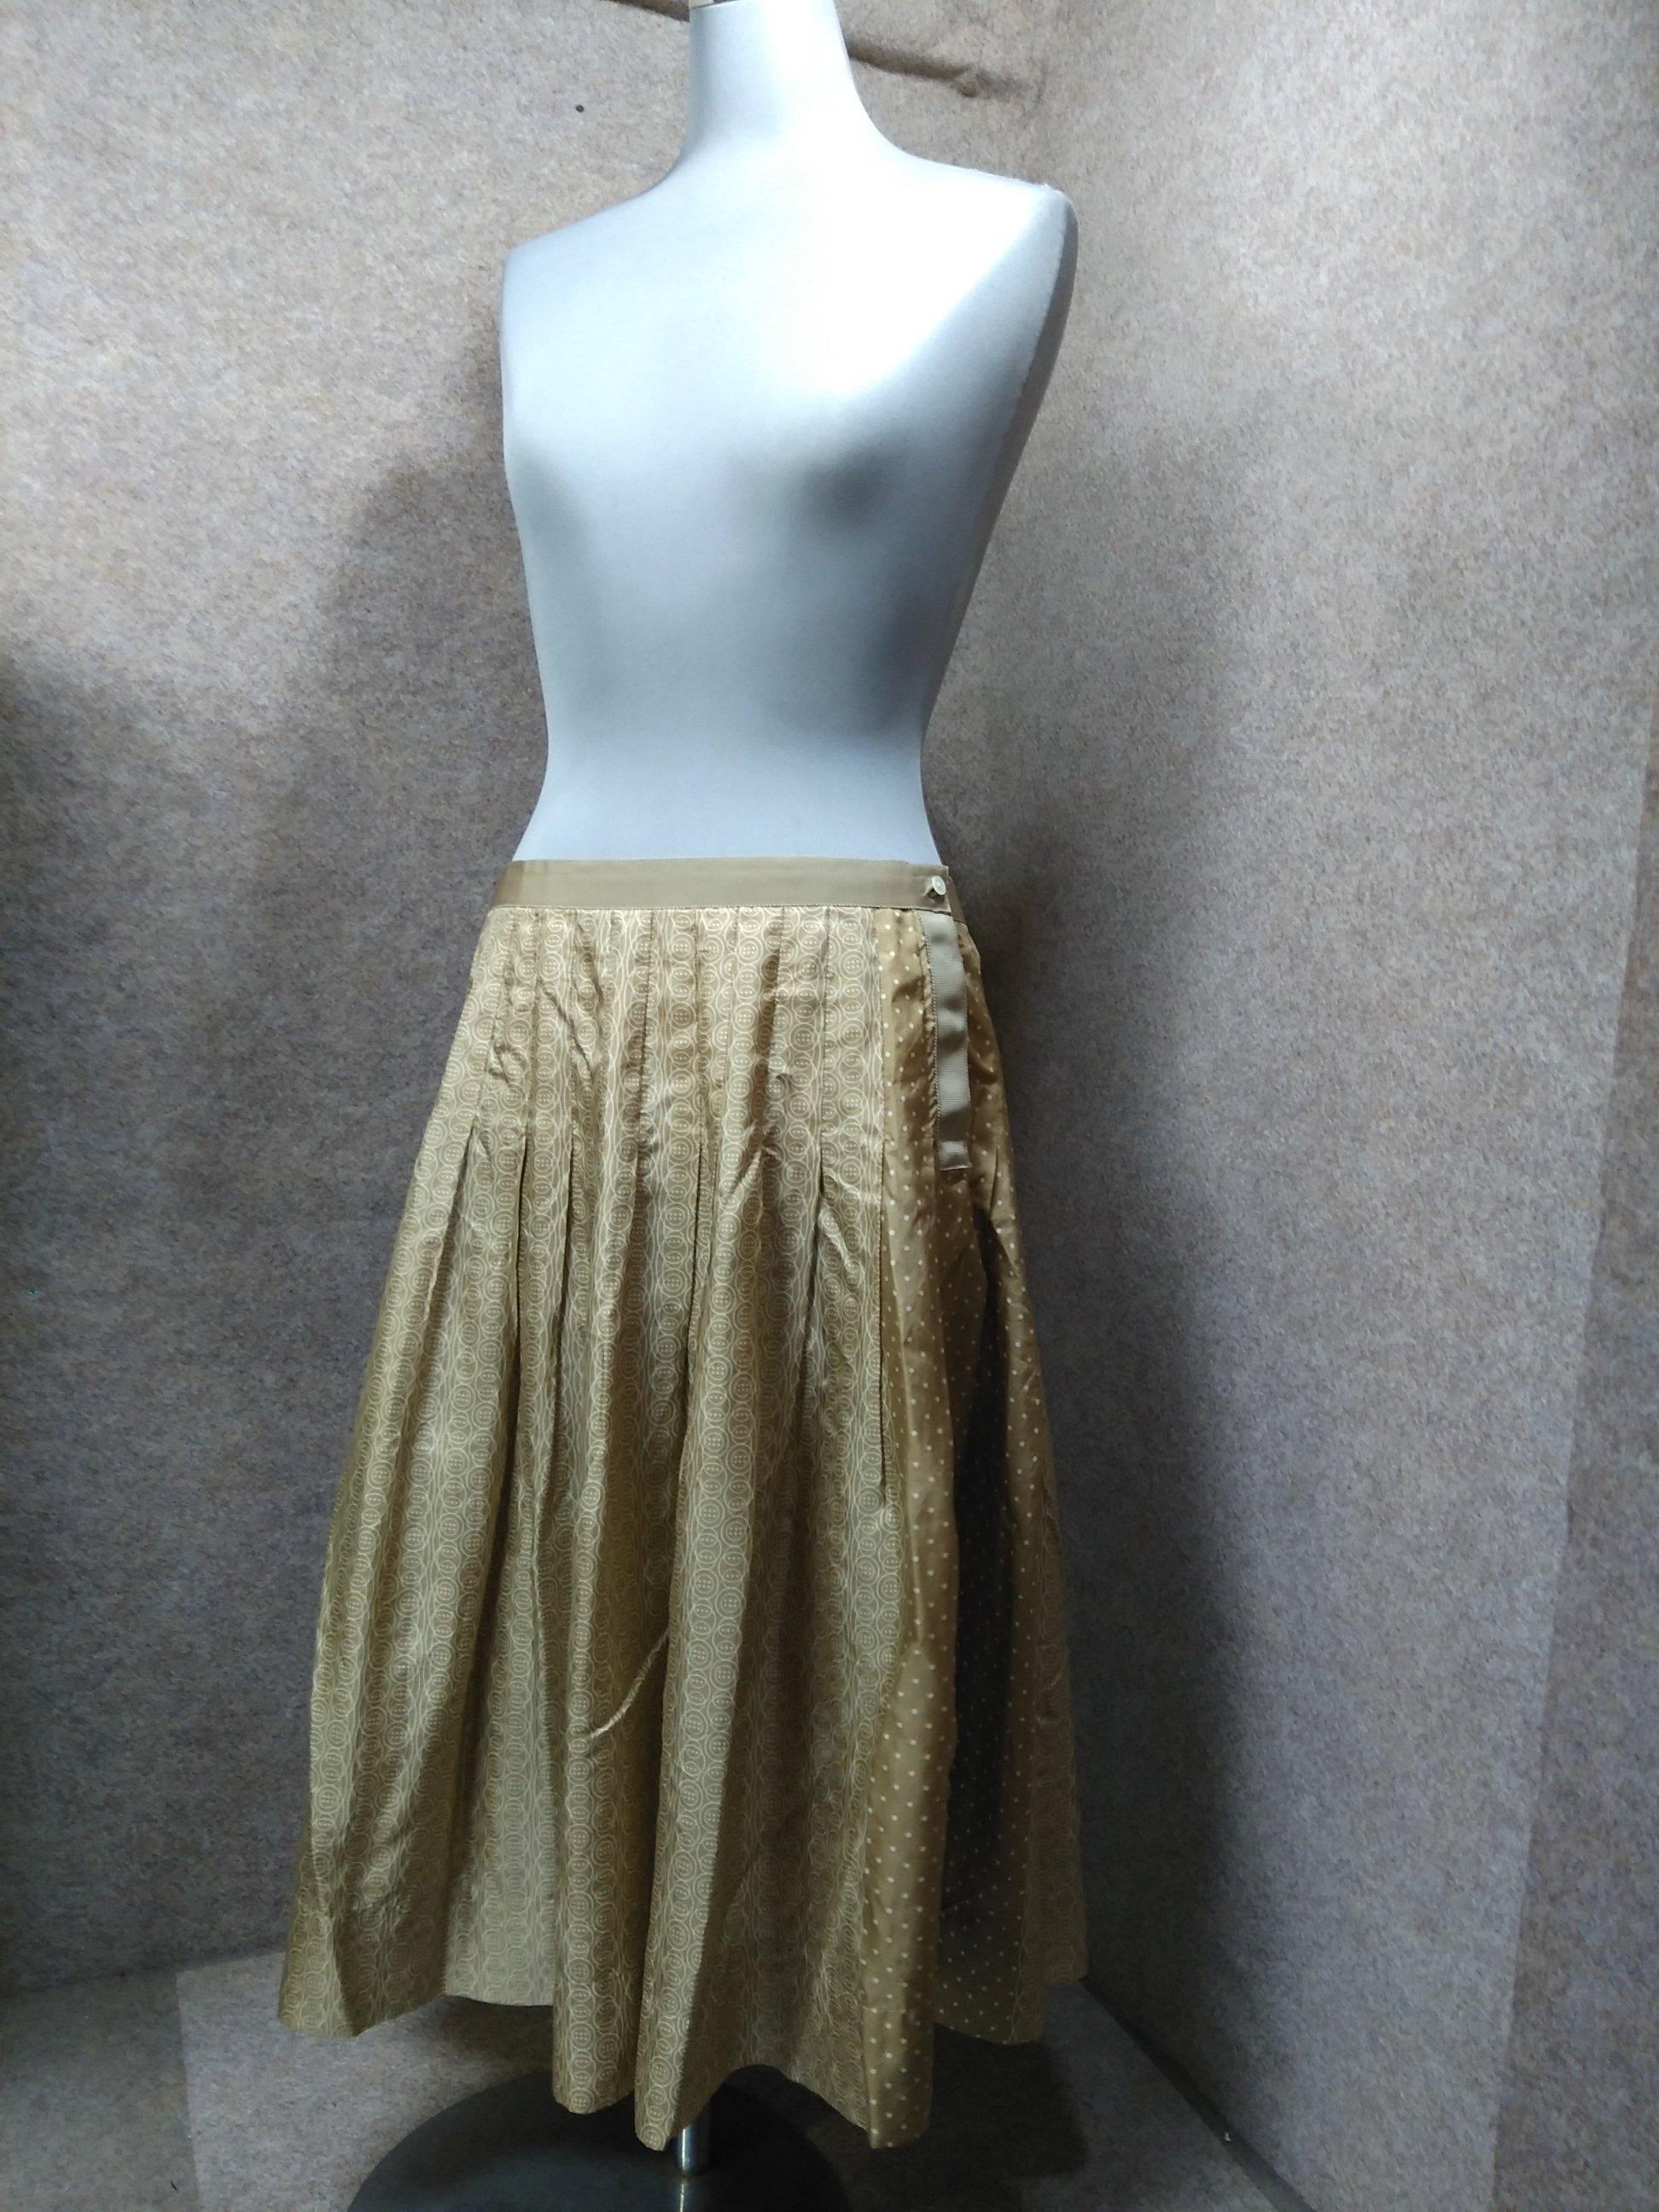 マーガレットハウエル 絹 シルク スカート Ⅱ ライトブラウン u1302j